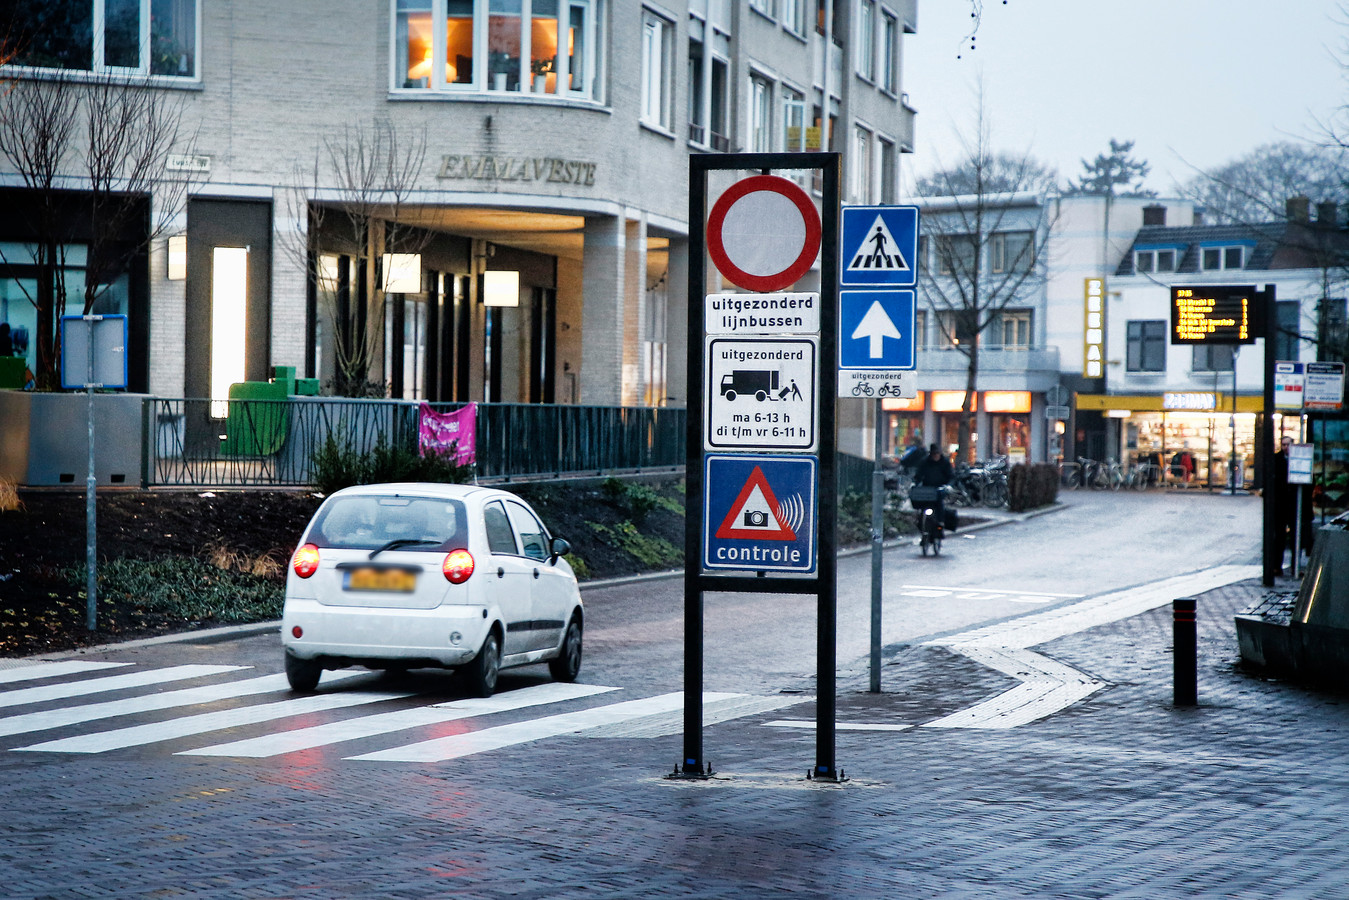 Automobilisten negeren in groten getale het inrijverbod.